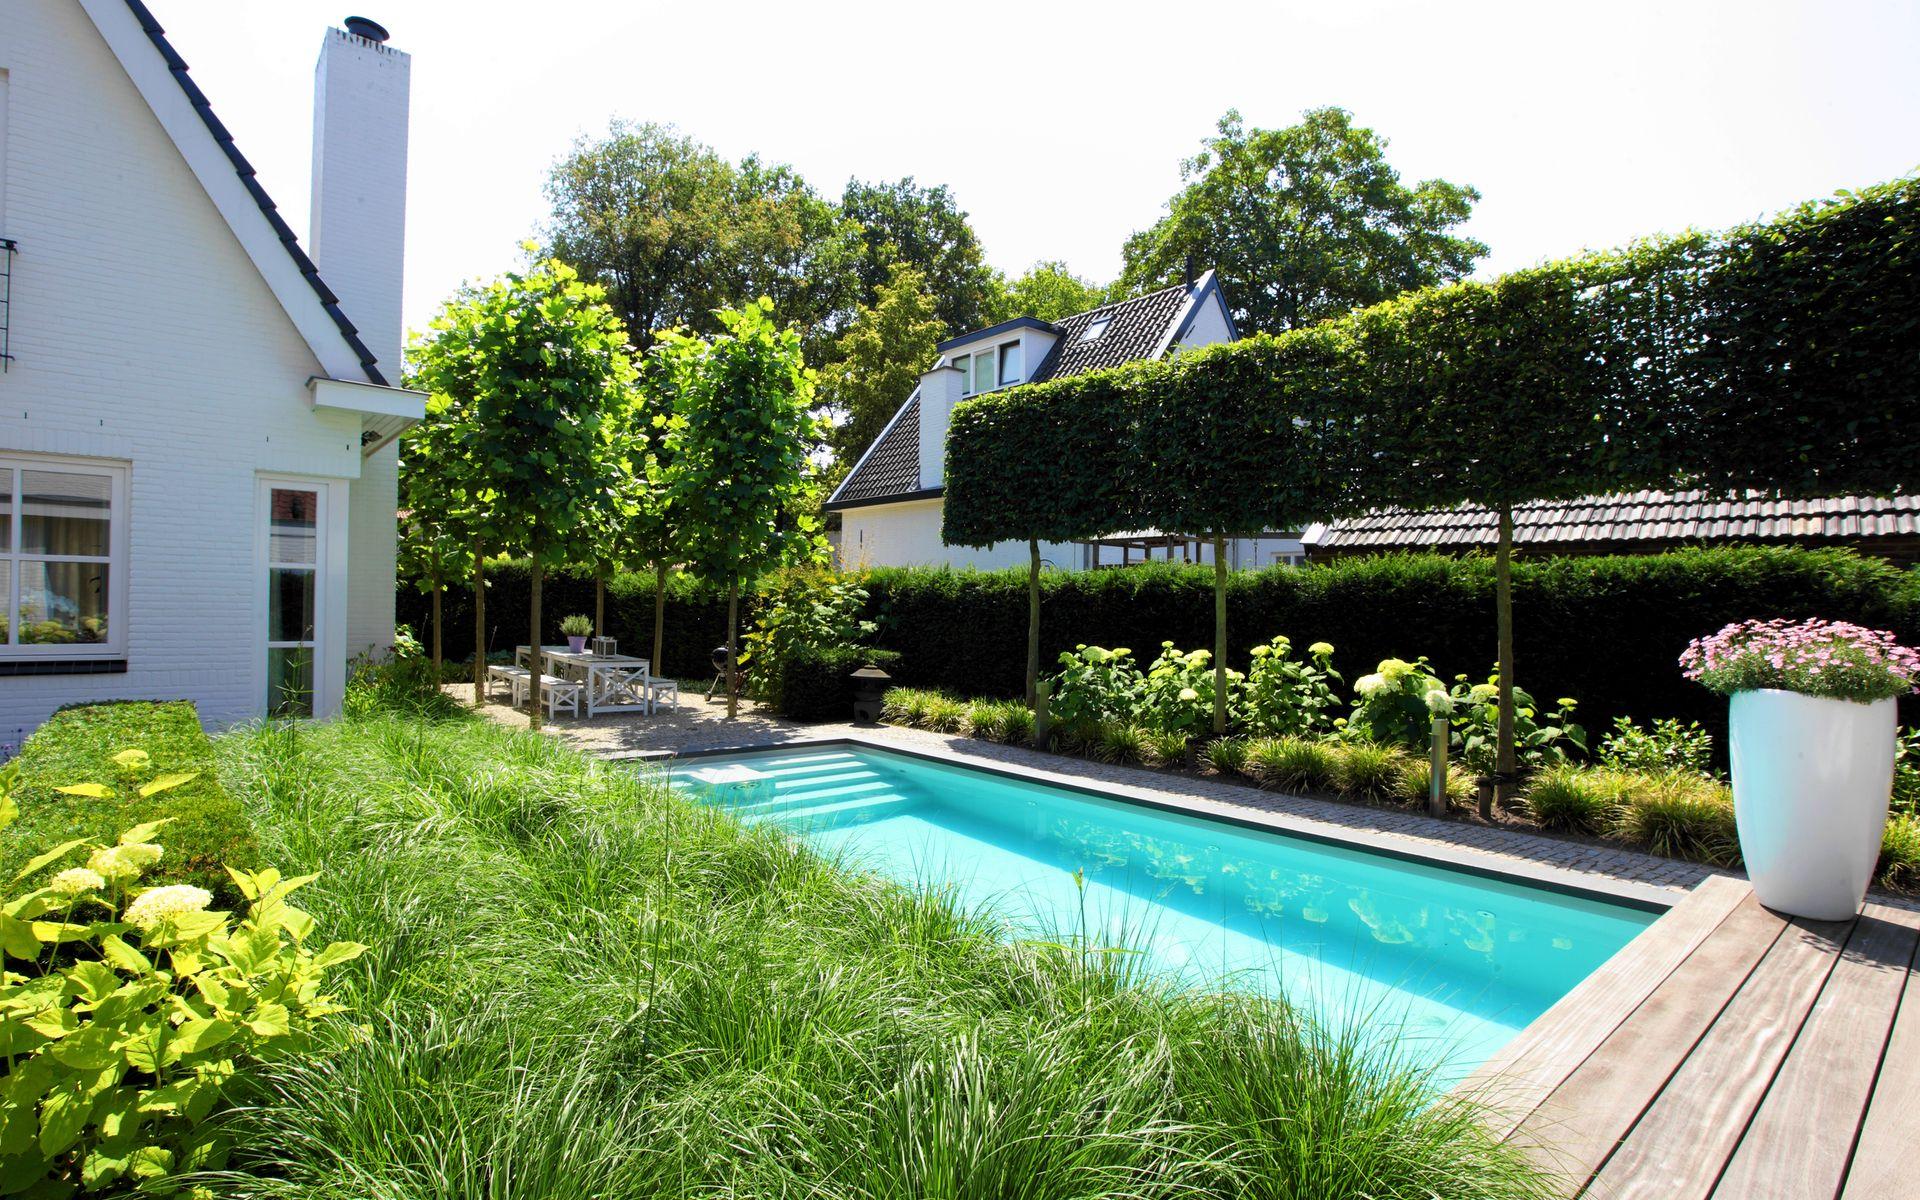 Moderne tuin met zwembad vlonder leibomen schaduwterras platanen split ogr d nowoczesny - Tuin en zwembad design ...